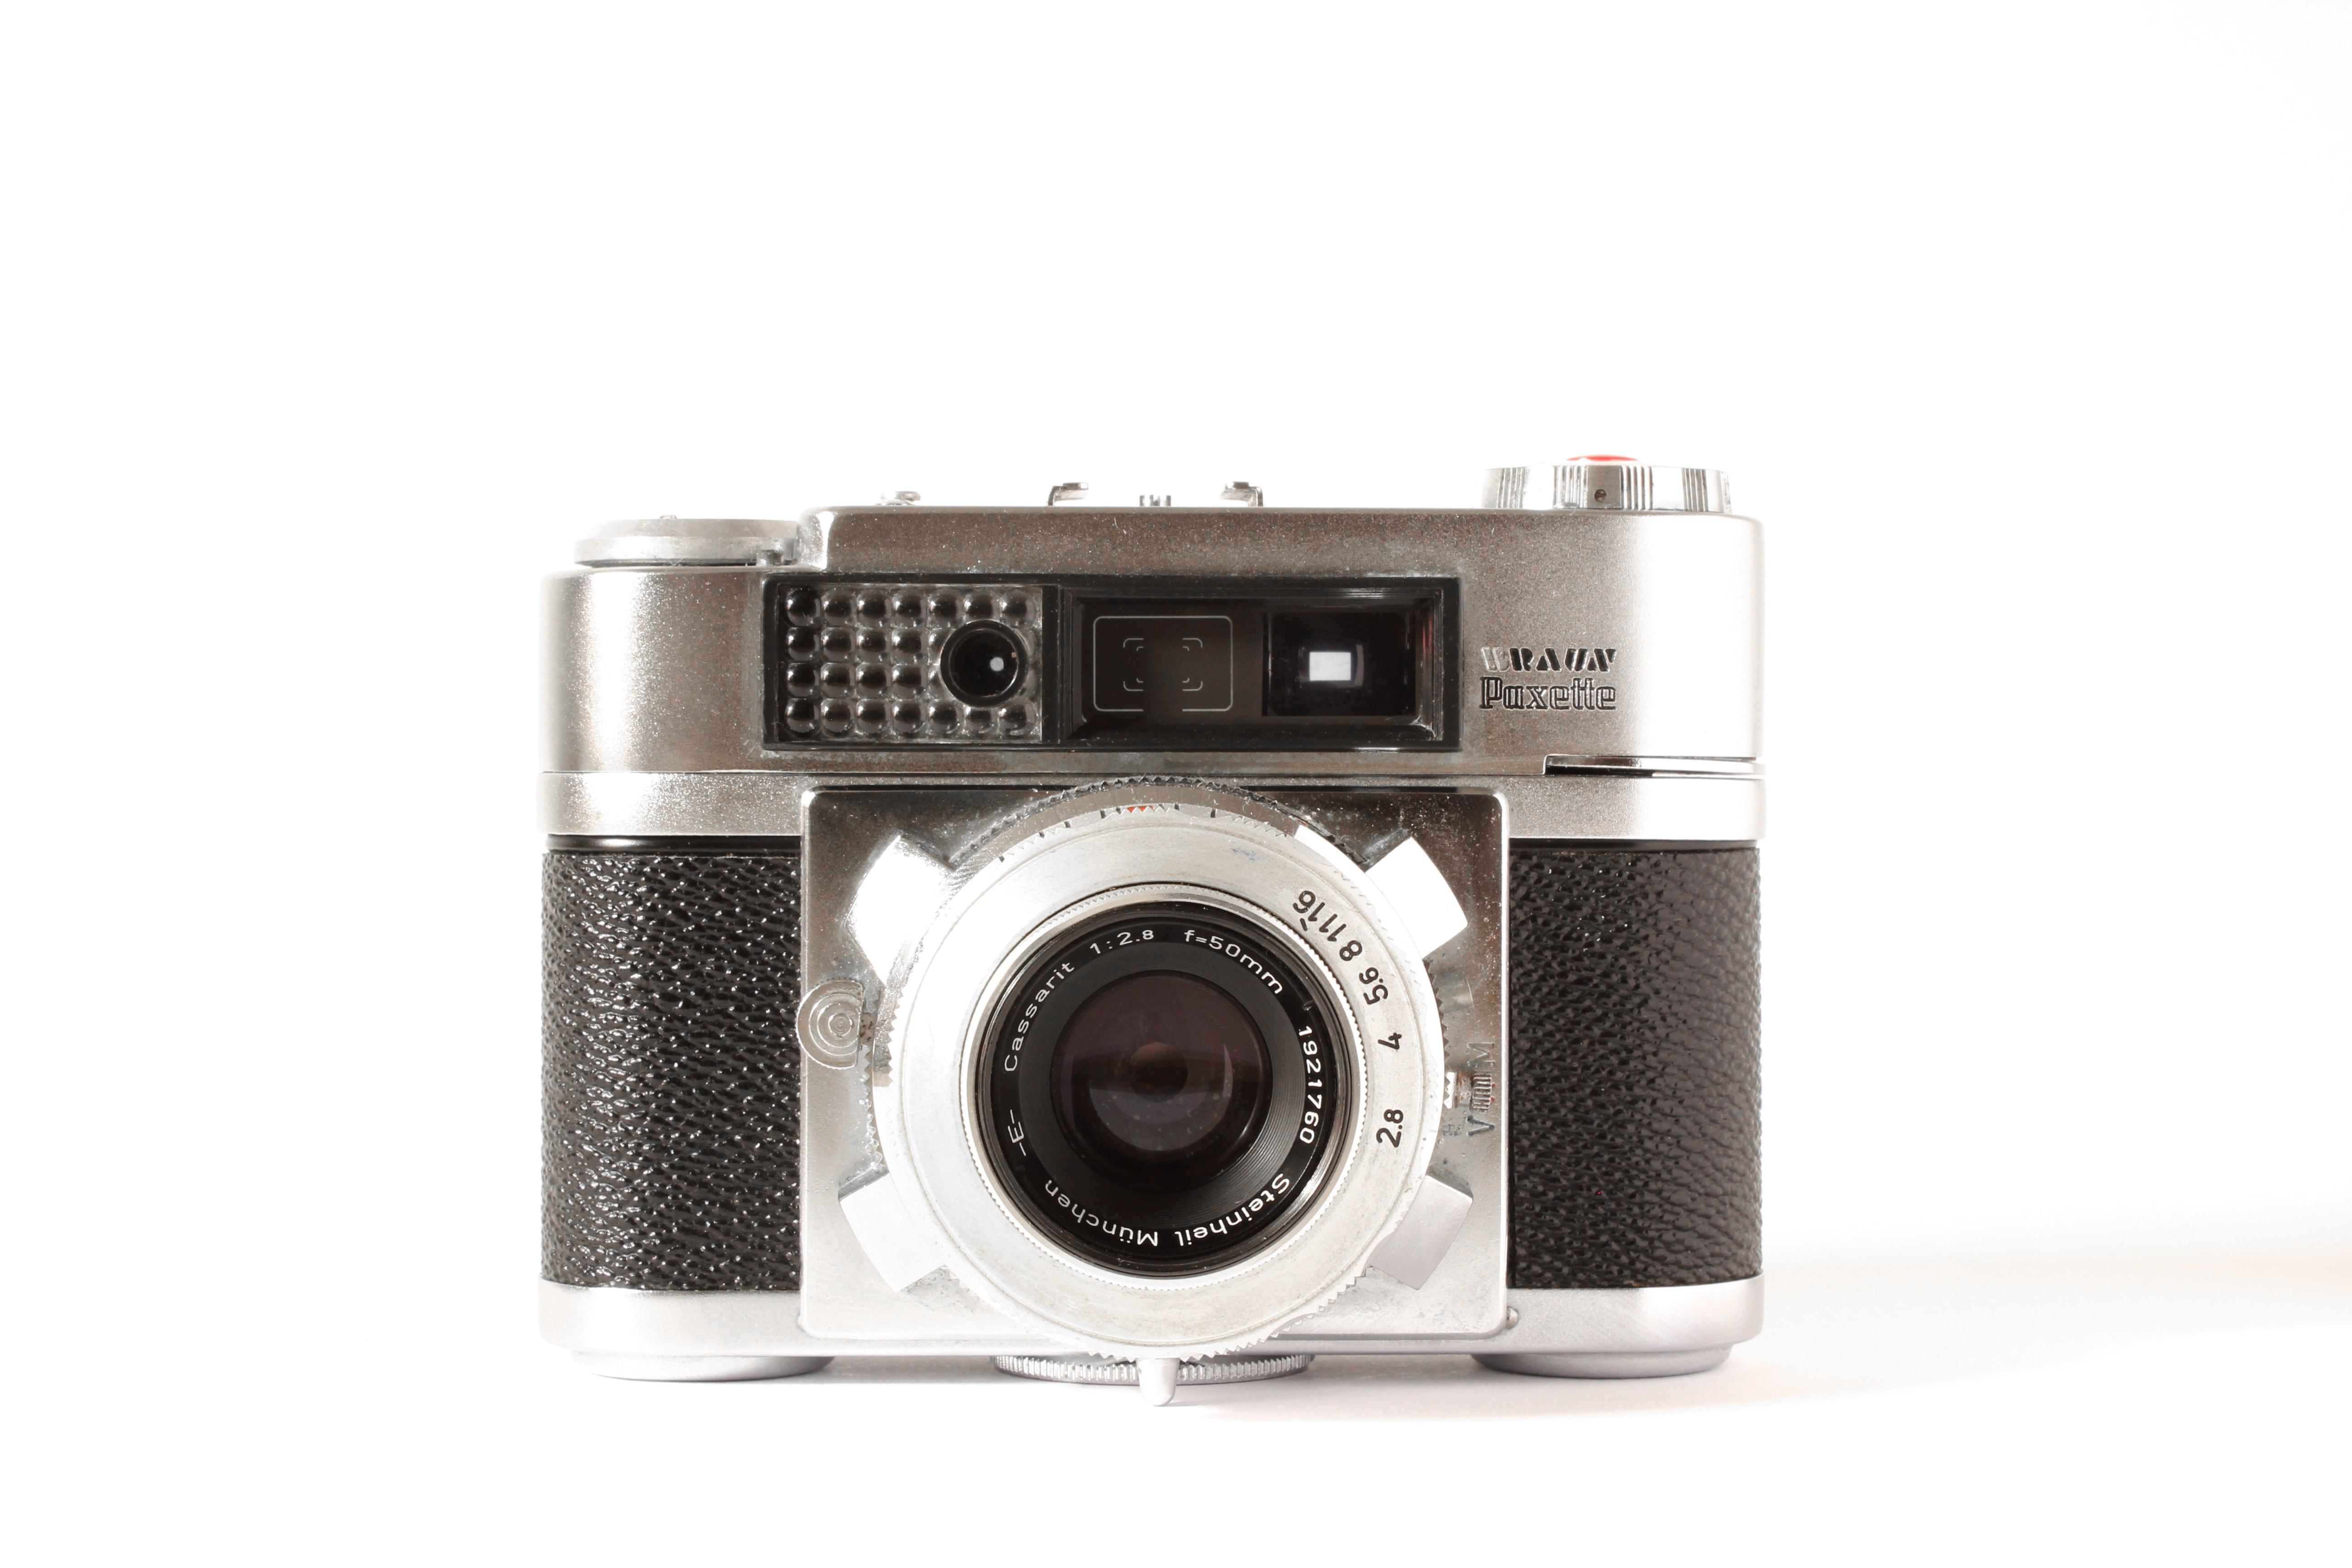 Entfernungsmesser Für Fotografie : Kostenlose foto : fotografie jahrgang fotograf retro alt film